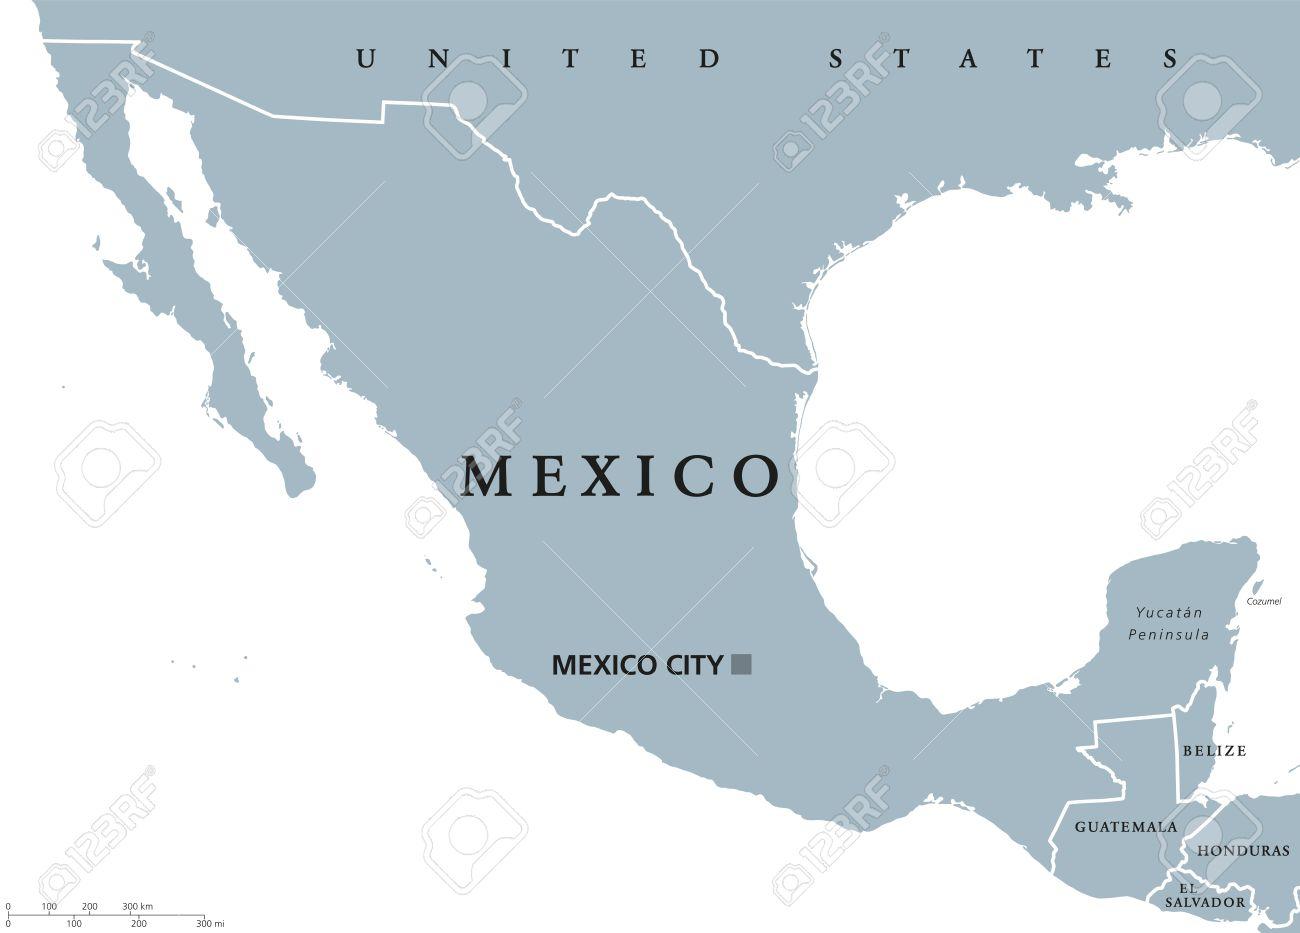 Cartina Politica Messico.Vettoriale La Mappa Politica Del Messico Con Il Capitale Citta Del Messico E Dei Confini Nazionali Stati Uniti Del Messico Una Repubblica Federale In Nord America Illustrazione Grigio Con Etichettatura Inglese